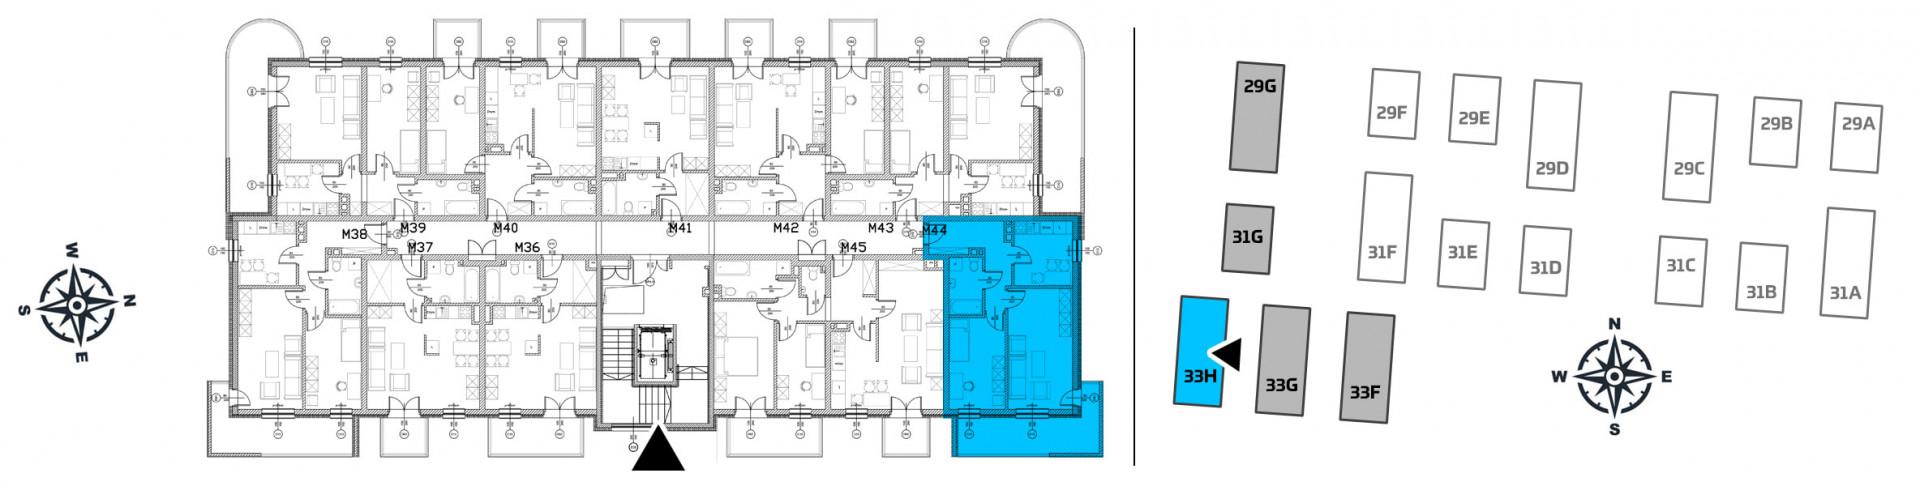 Mieszkanie dwupokojowe 33H/44 rzut 2